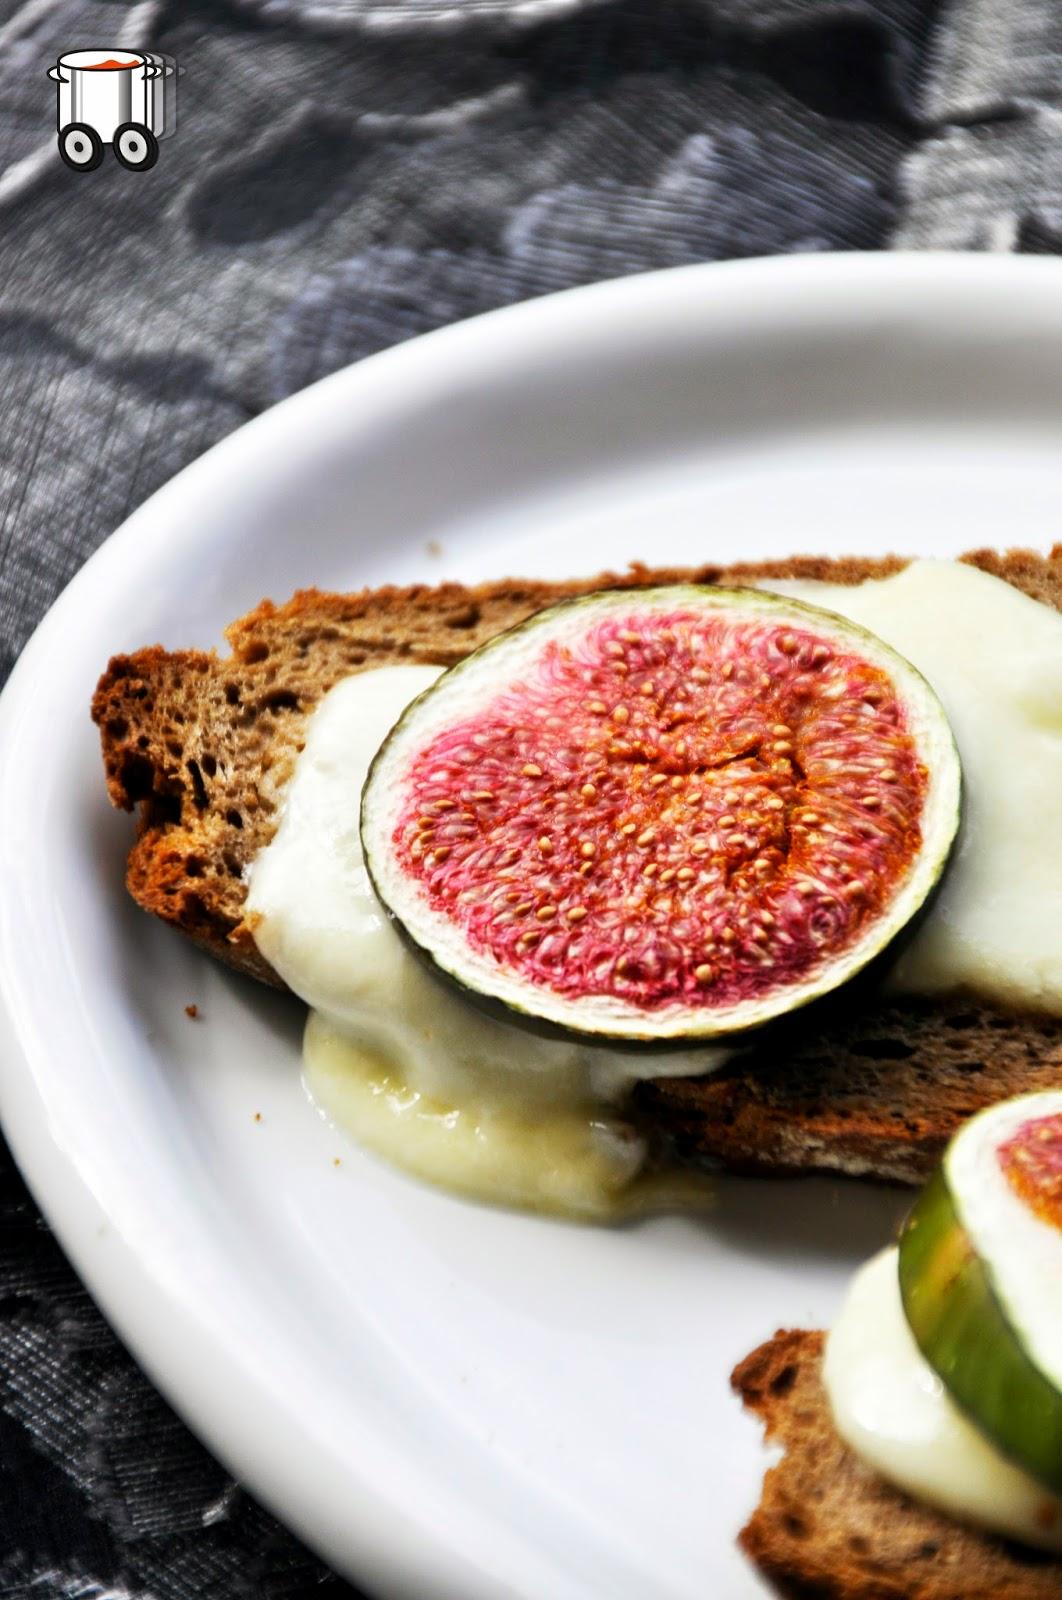 Szybko Tanio Smacznie - Grzanki z mozzarellą i figami